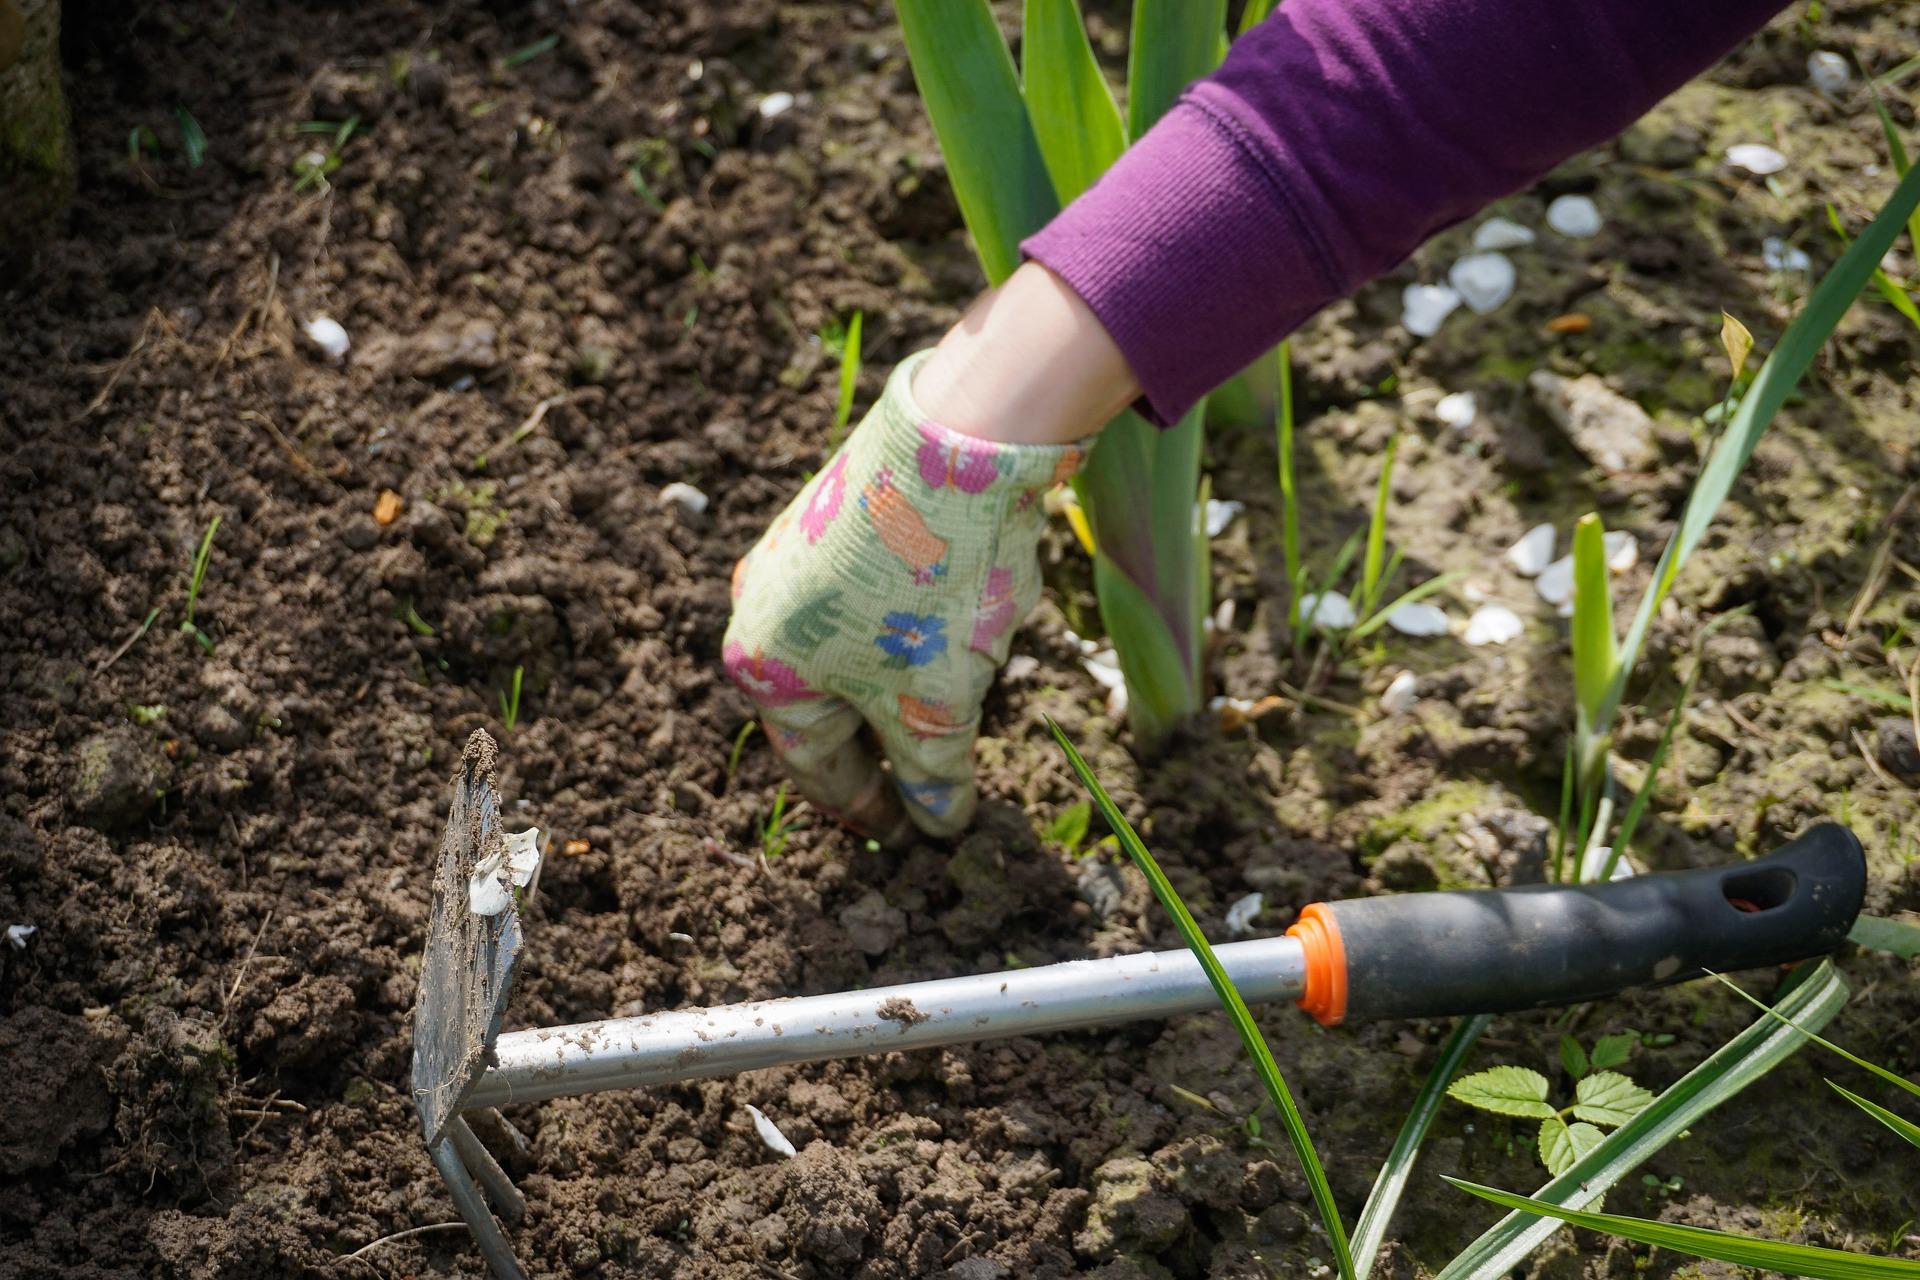 Comment Se Débarrasser Des Bambous Dans Le Jardin les 5 outils indispensables pour désherber | gamm vert